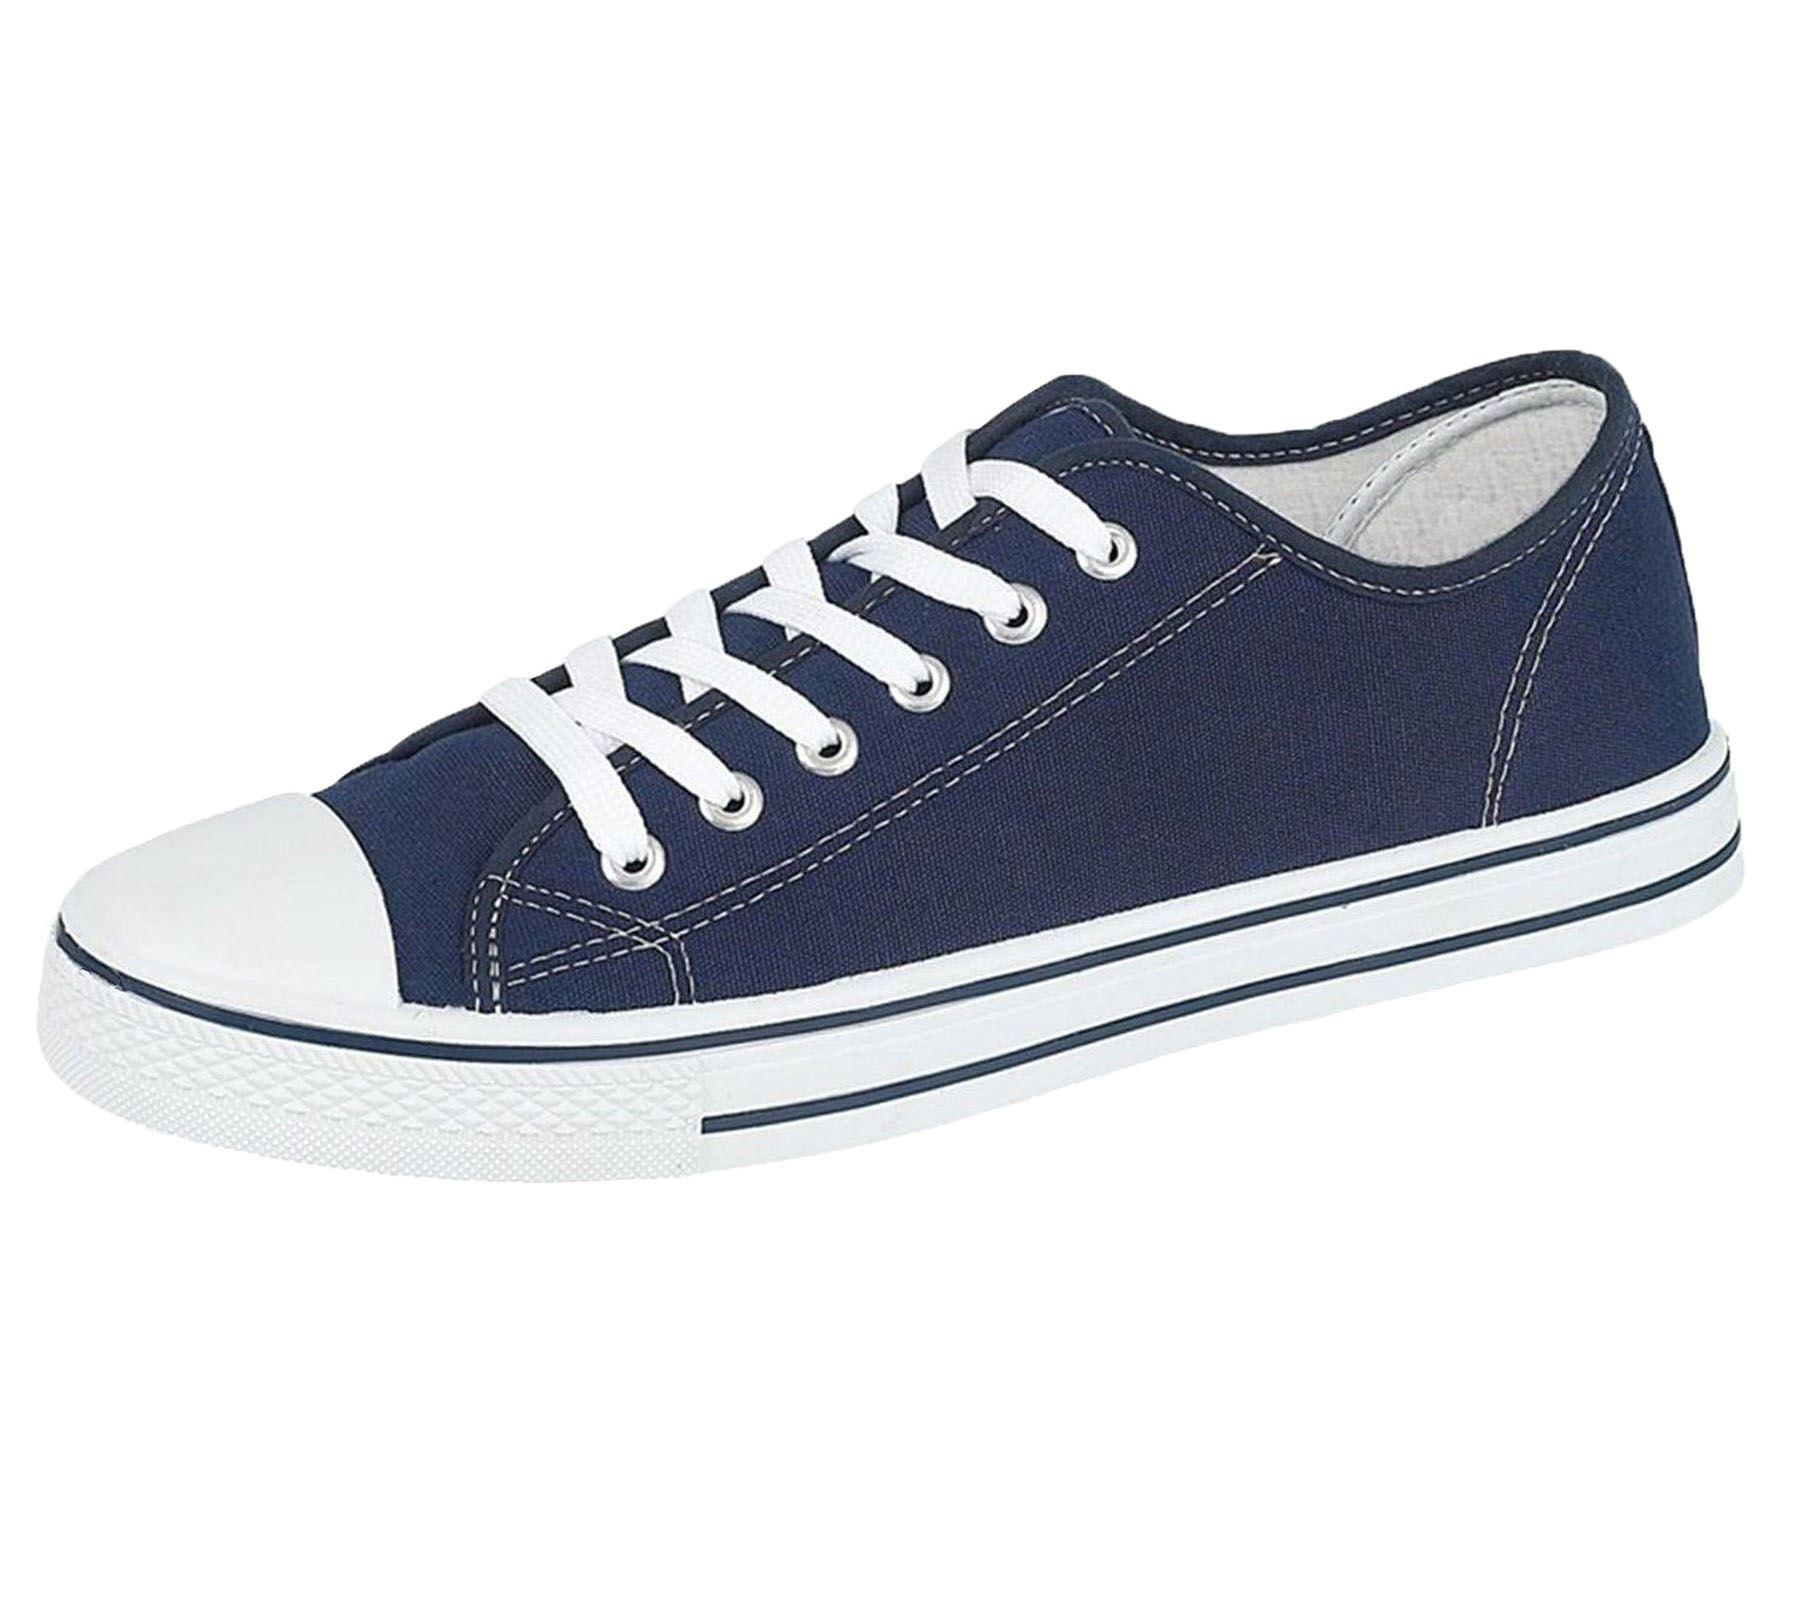 Mens-Canvas-Shoes-Plimsole-Trainer-Pumps-Lace-Up-Flat-Shoes thumbnail 25